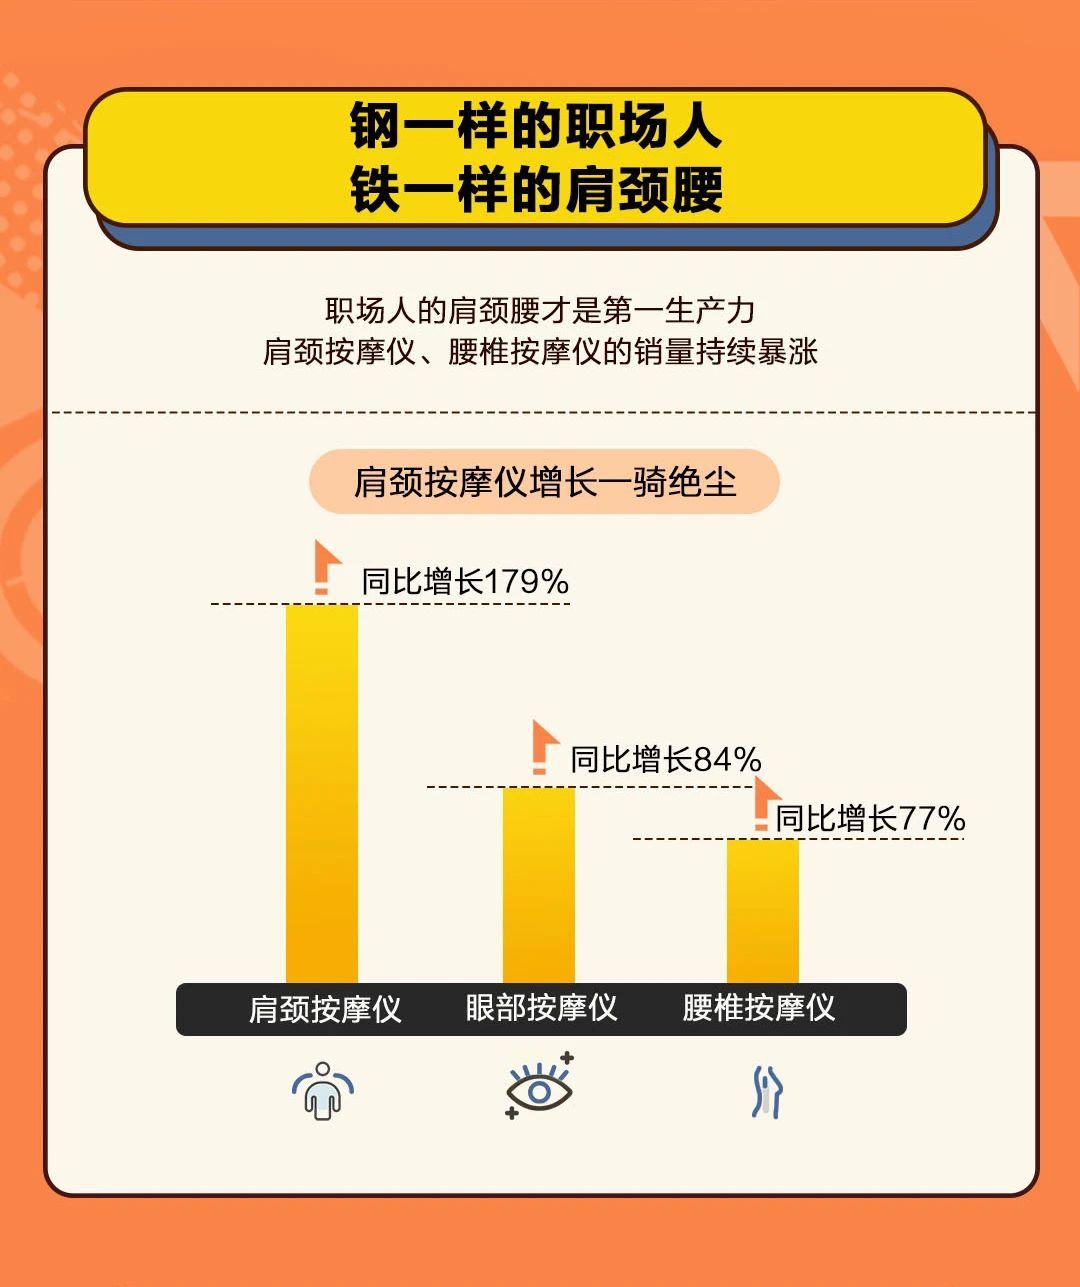 什么值得买消费幸福趋势报告:疫情后的中国人为什么而买 | DoMarketing-营销智库